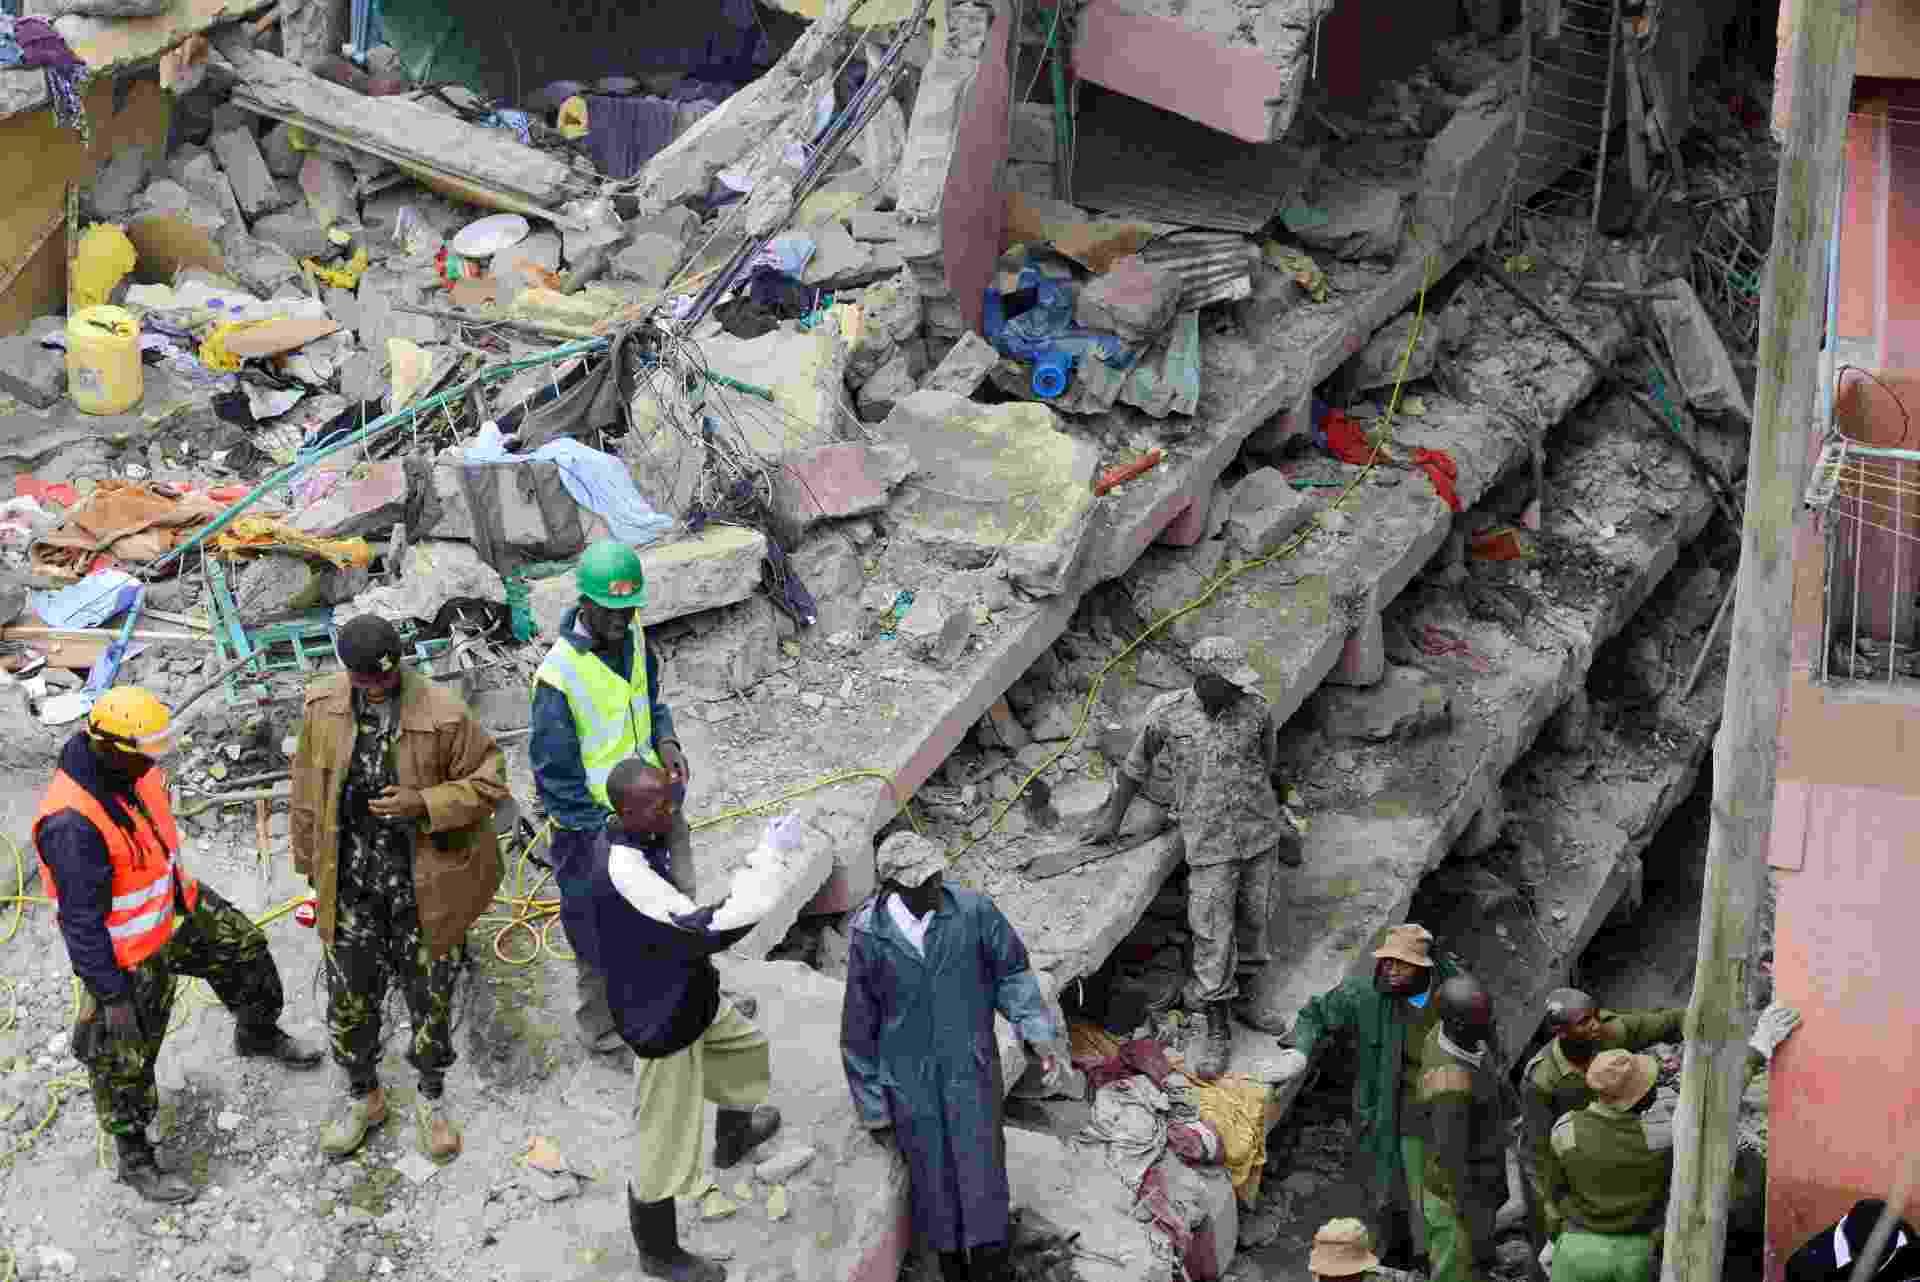 30.abr.2016 - Edifício em bairro pobre de Nairobi, Quênia, desaba após a cidade ser castigada durante todo o dia por fortes chuvas. Segundo a imprensa local, 14 pessoas morreram nas últimas horas em Nairóbi - incluindo sete que estavam no edifício - Harman Kariuki/Reuters